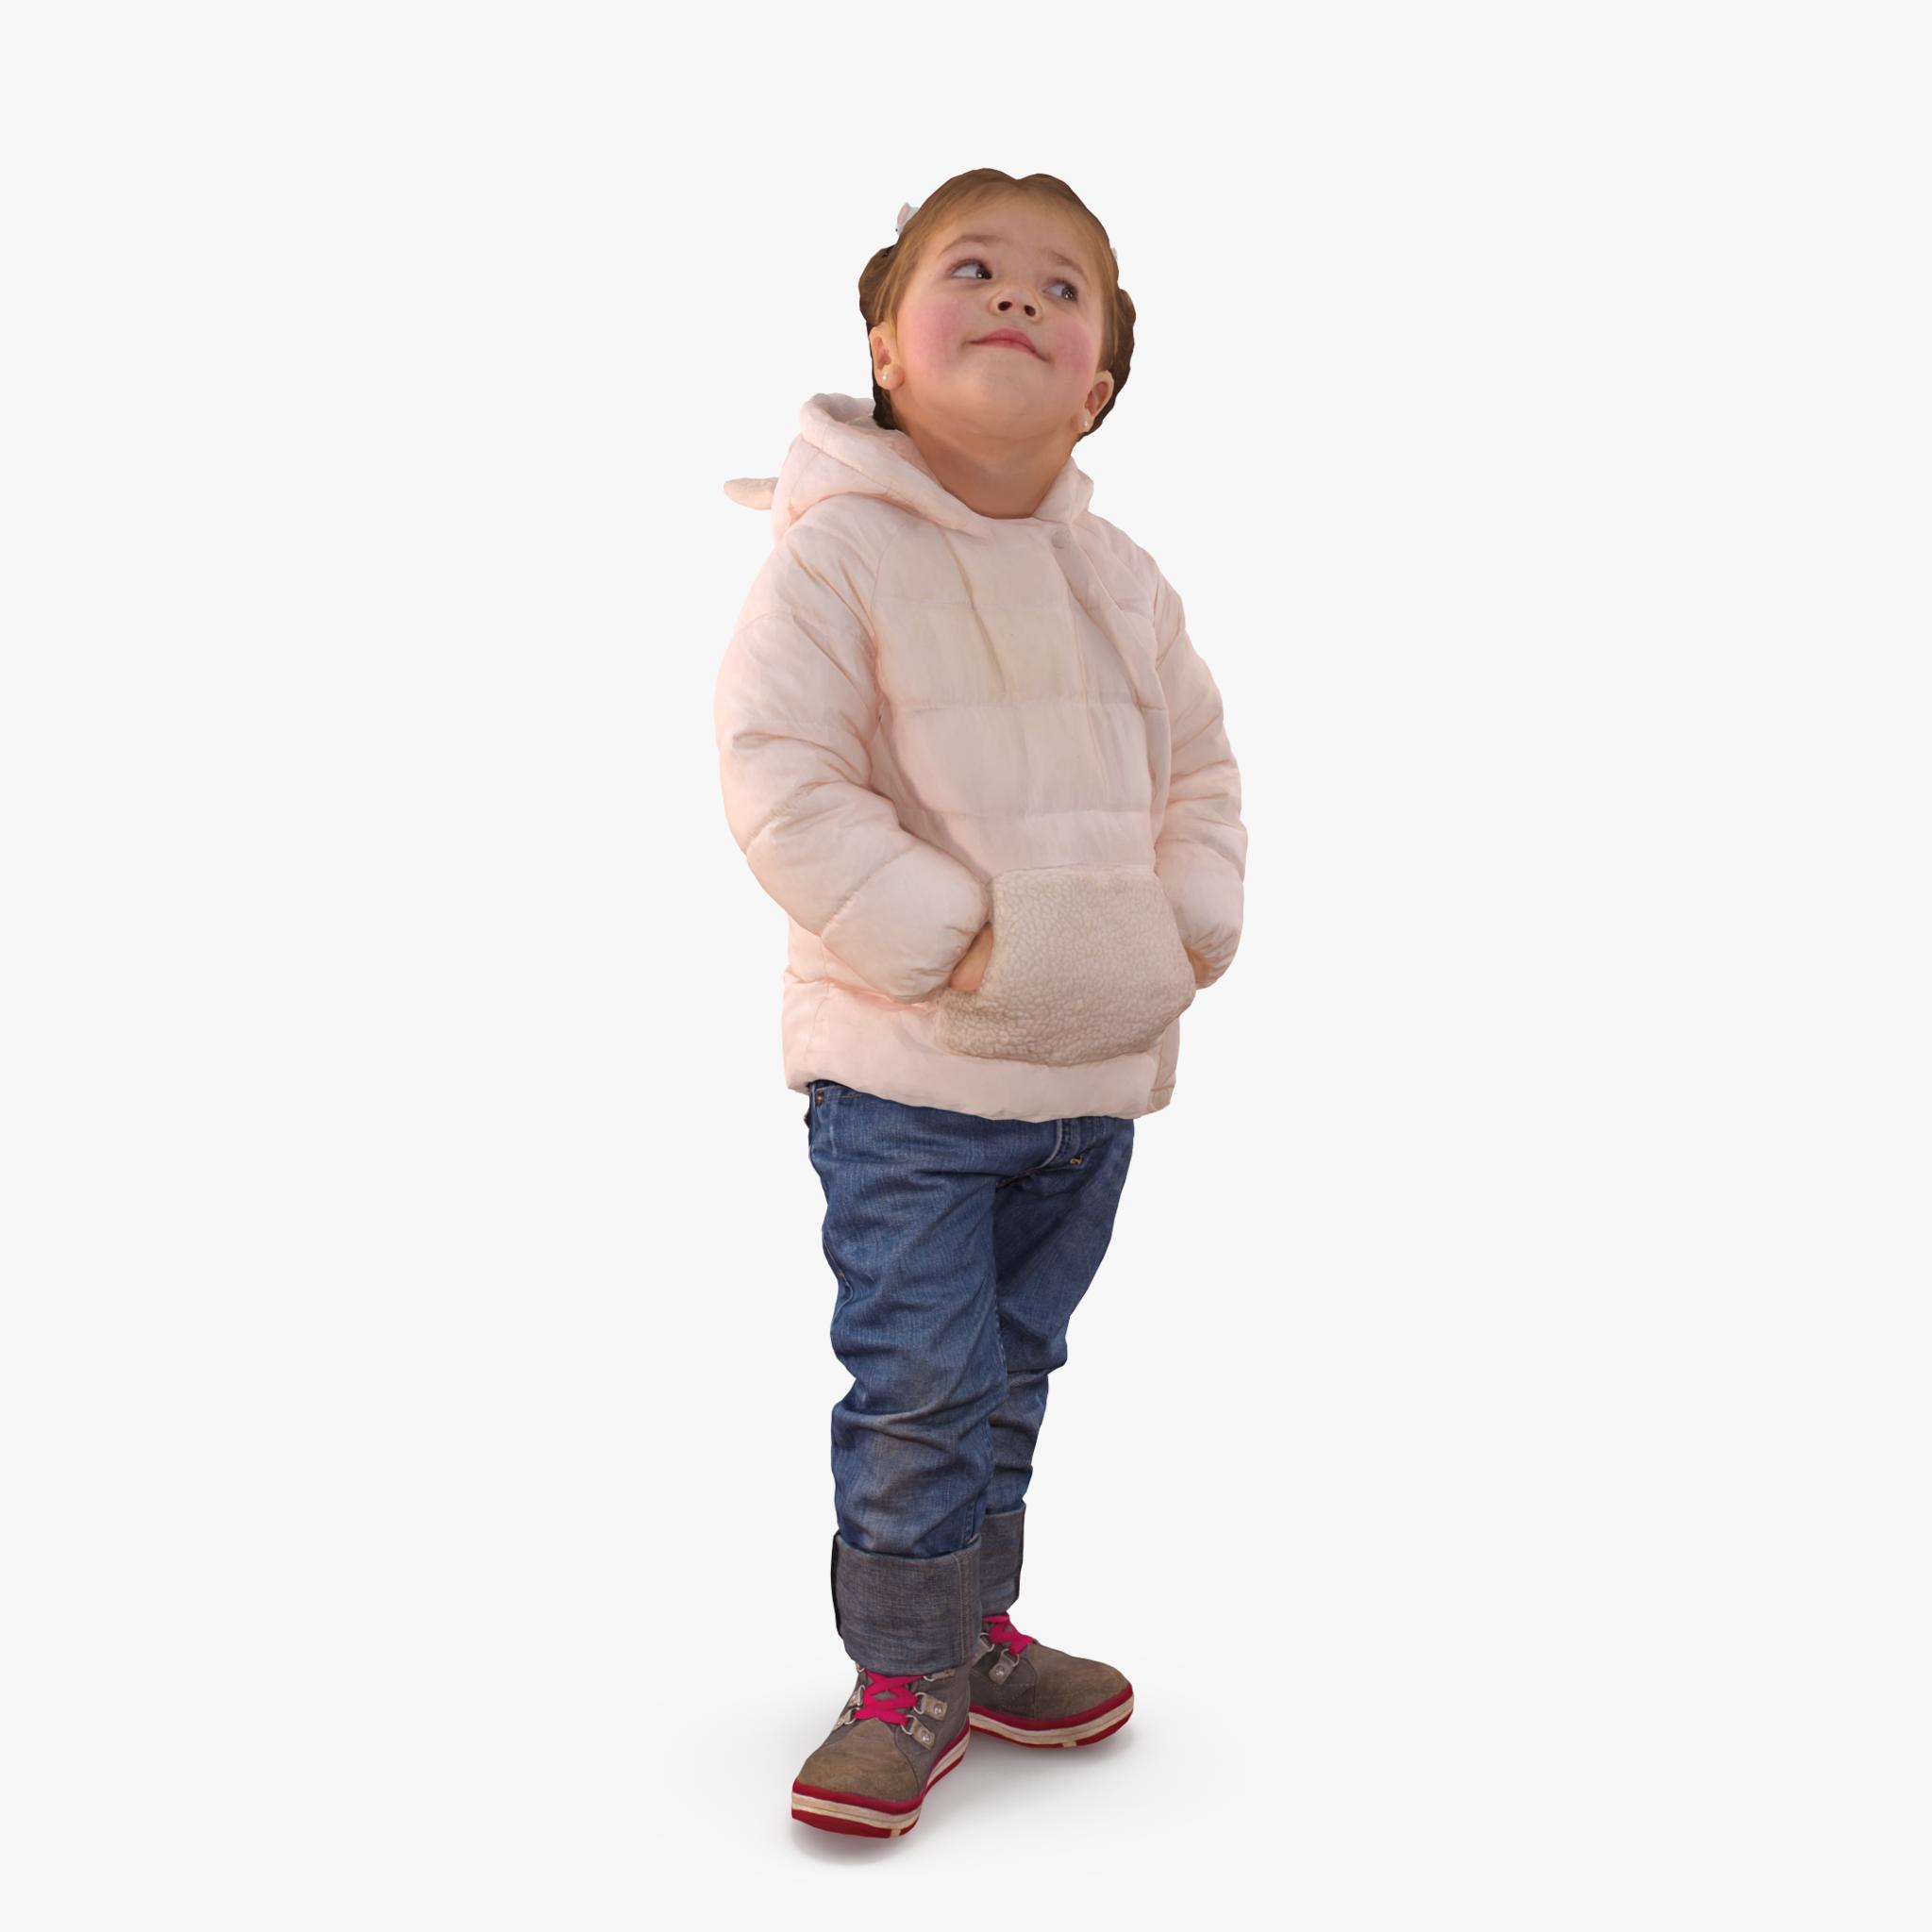 Baby Standing 3D Model   3DTree Scanning Studio